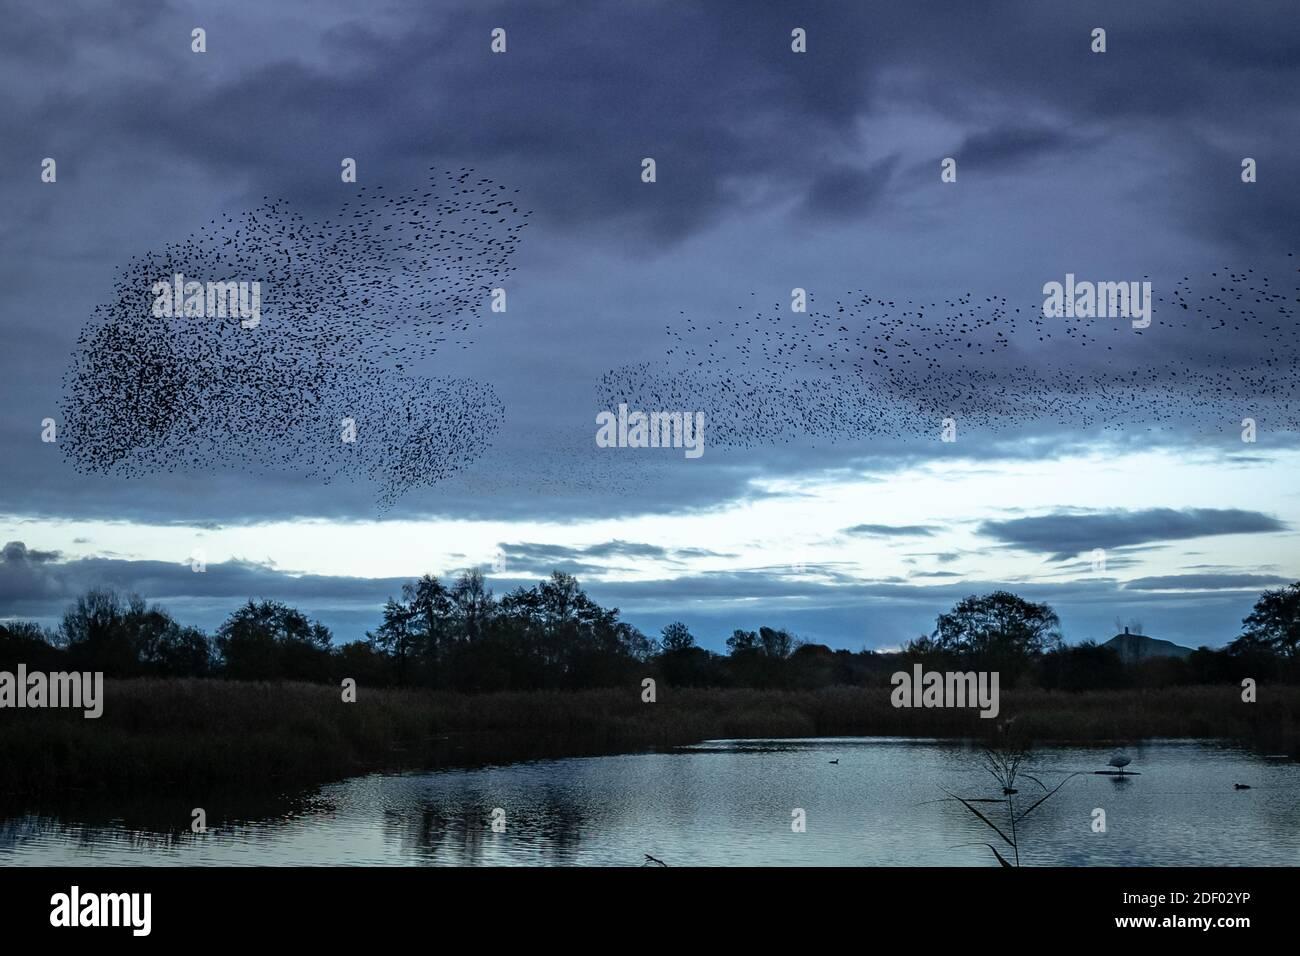 UK Wetter: Abendliche Starrauschen über Ham Wall RSPB Reserve, Teil des Avalon Sumpfgebiete Naturschutzgebiet in Somerset, UK Stockfoto